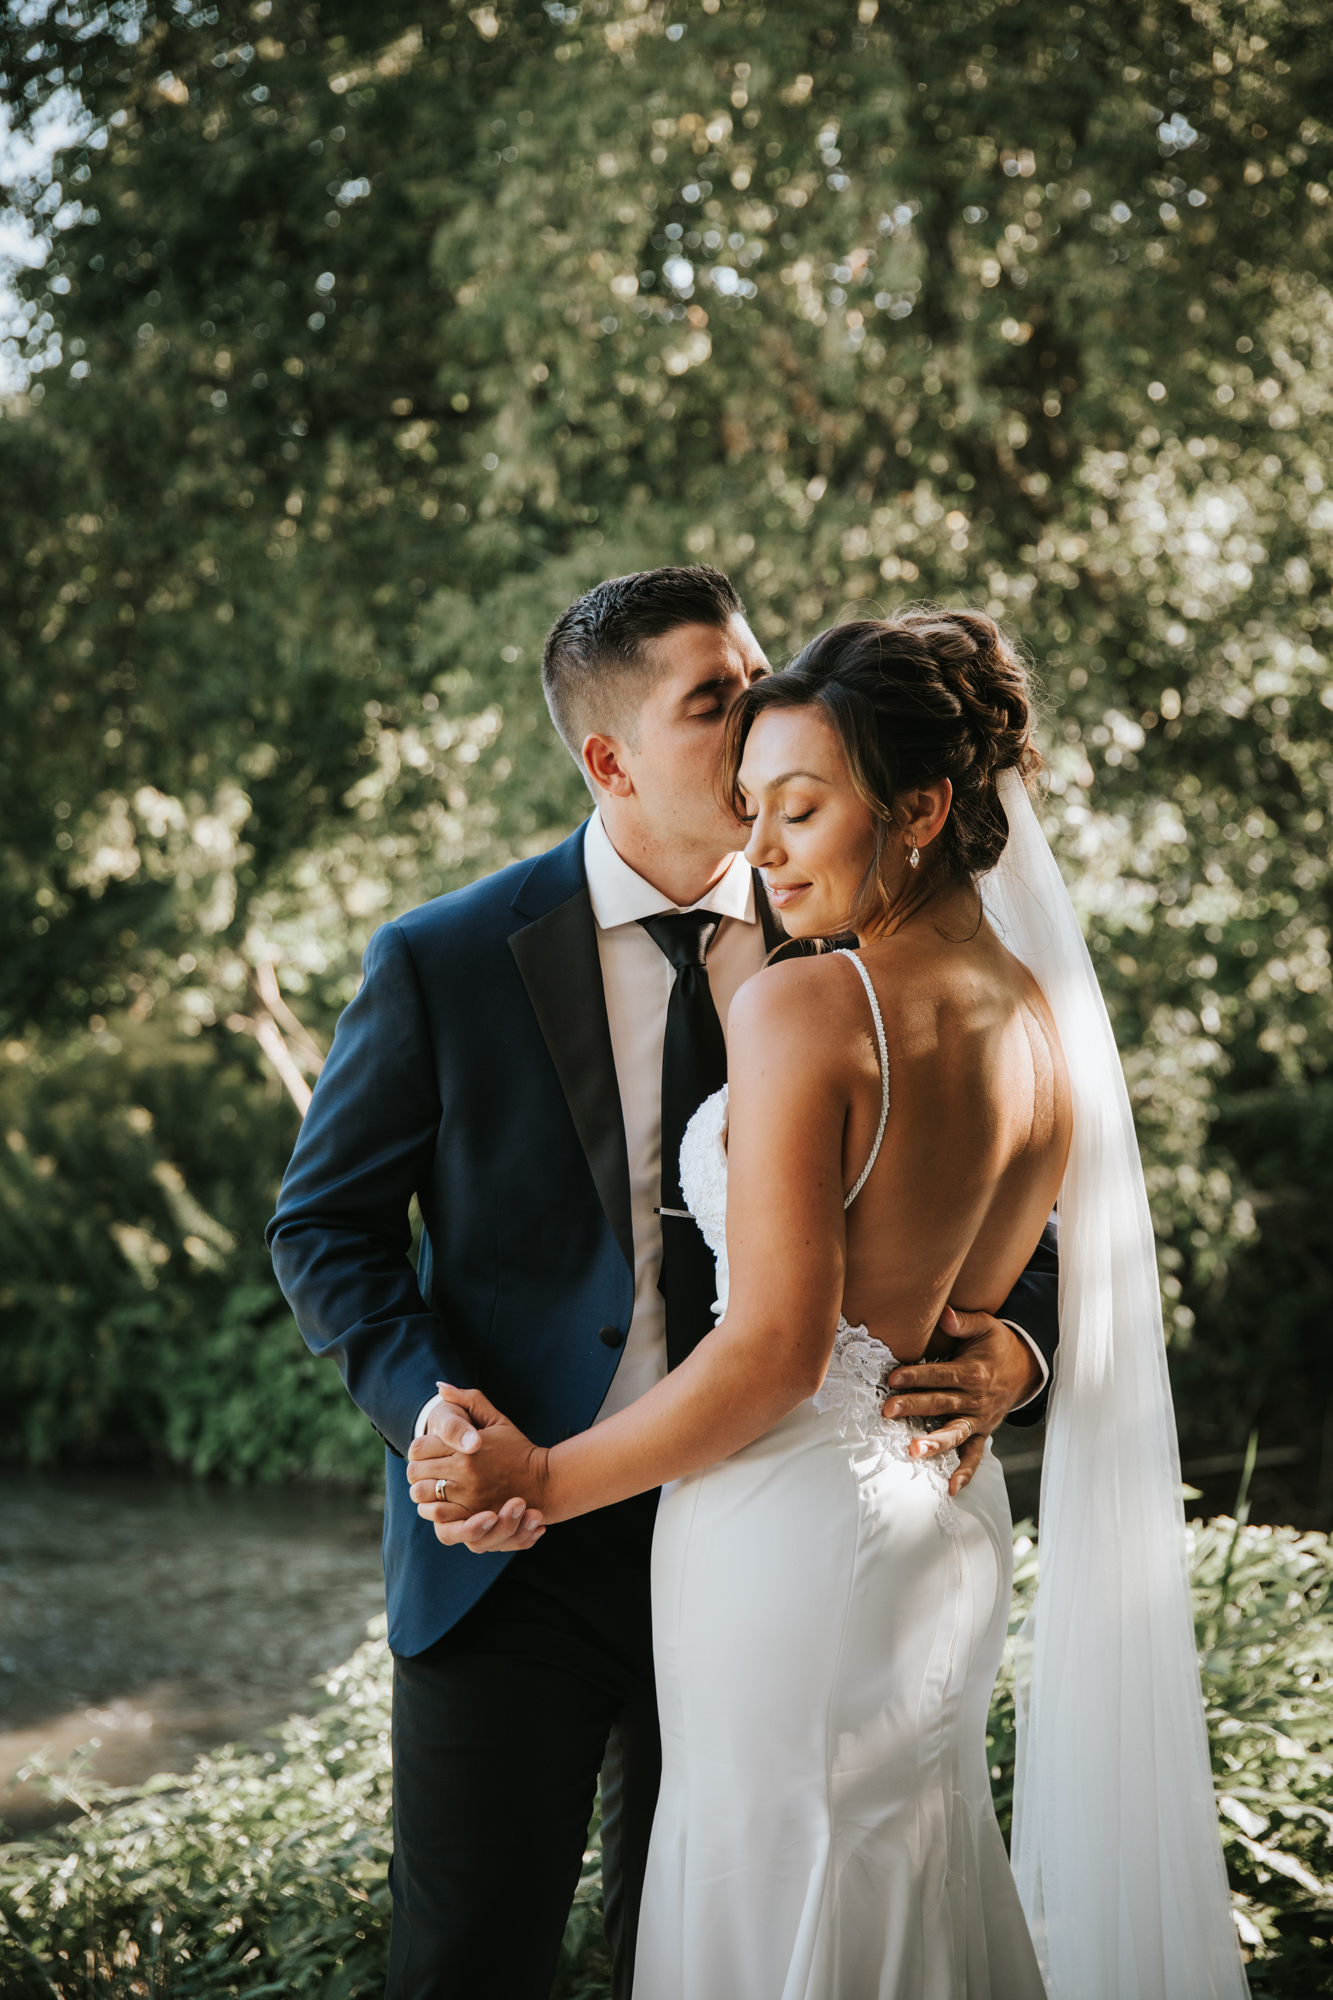 weddingphotography-49.jpg